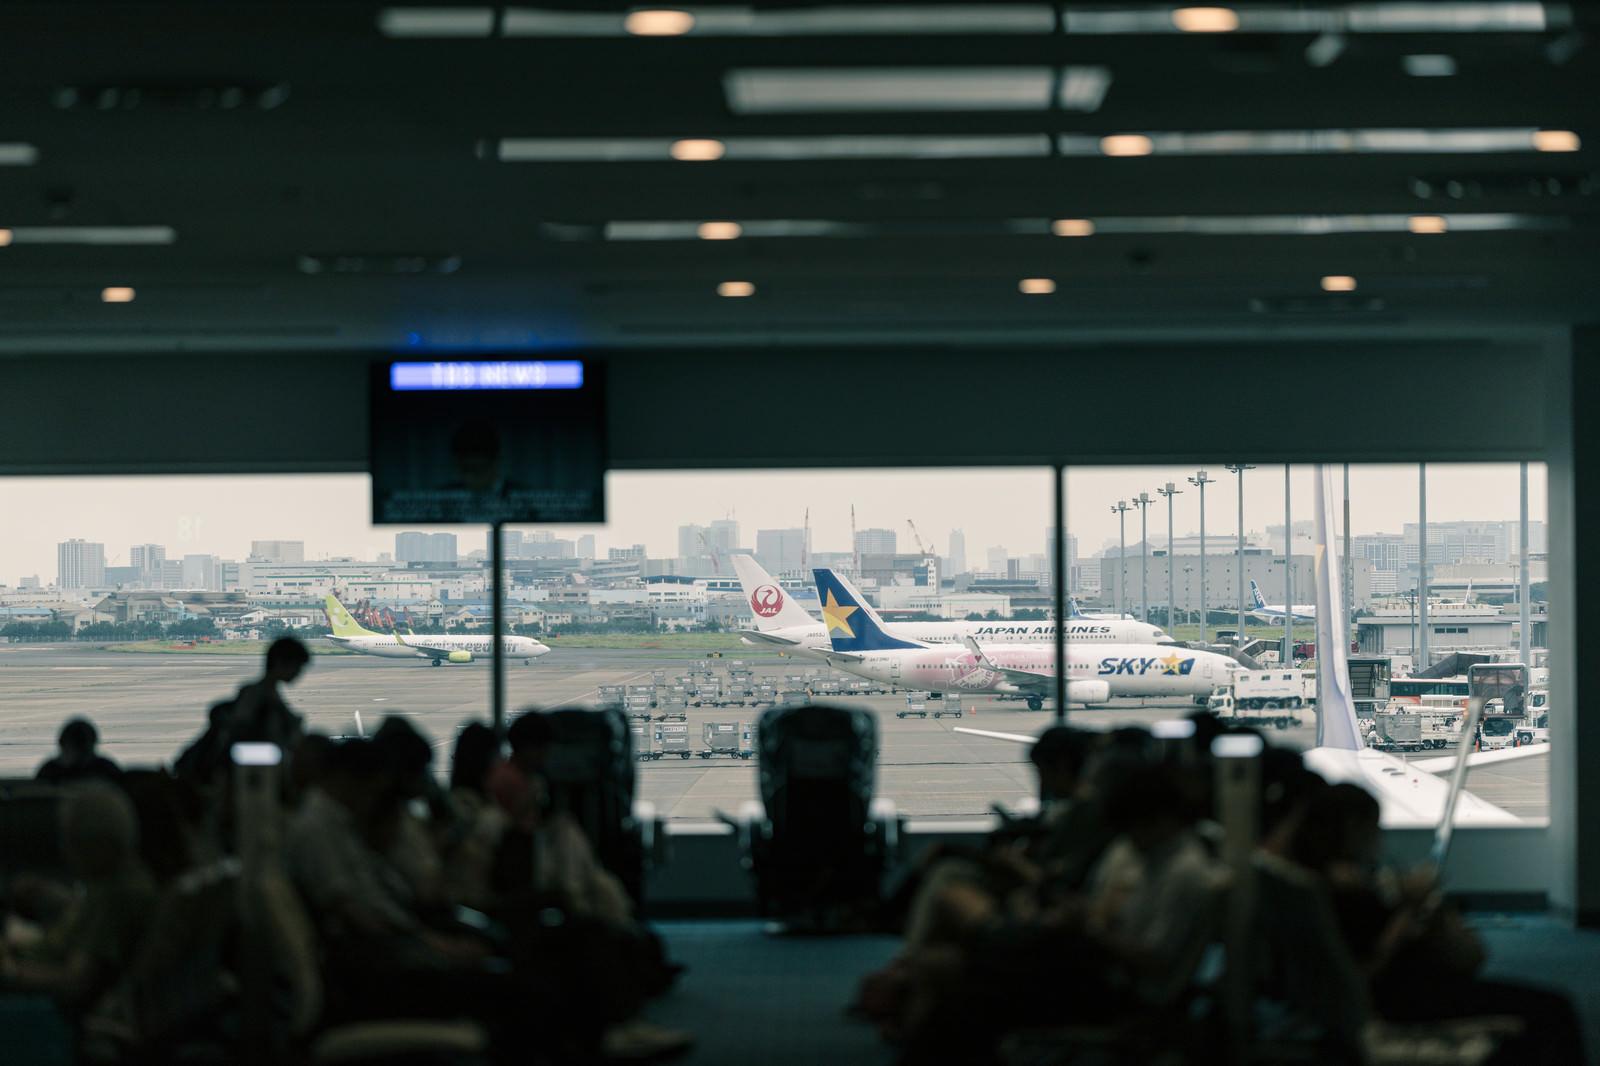 「空港ロビーから見える旅客機」の写真